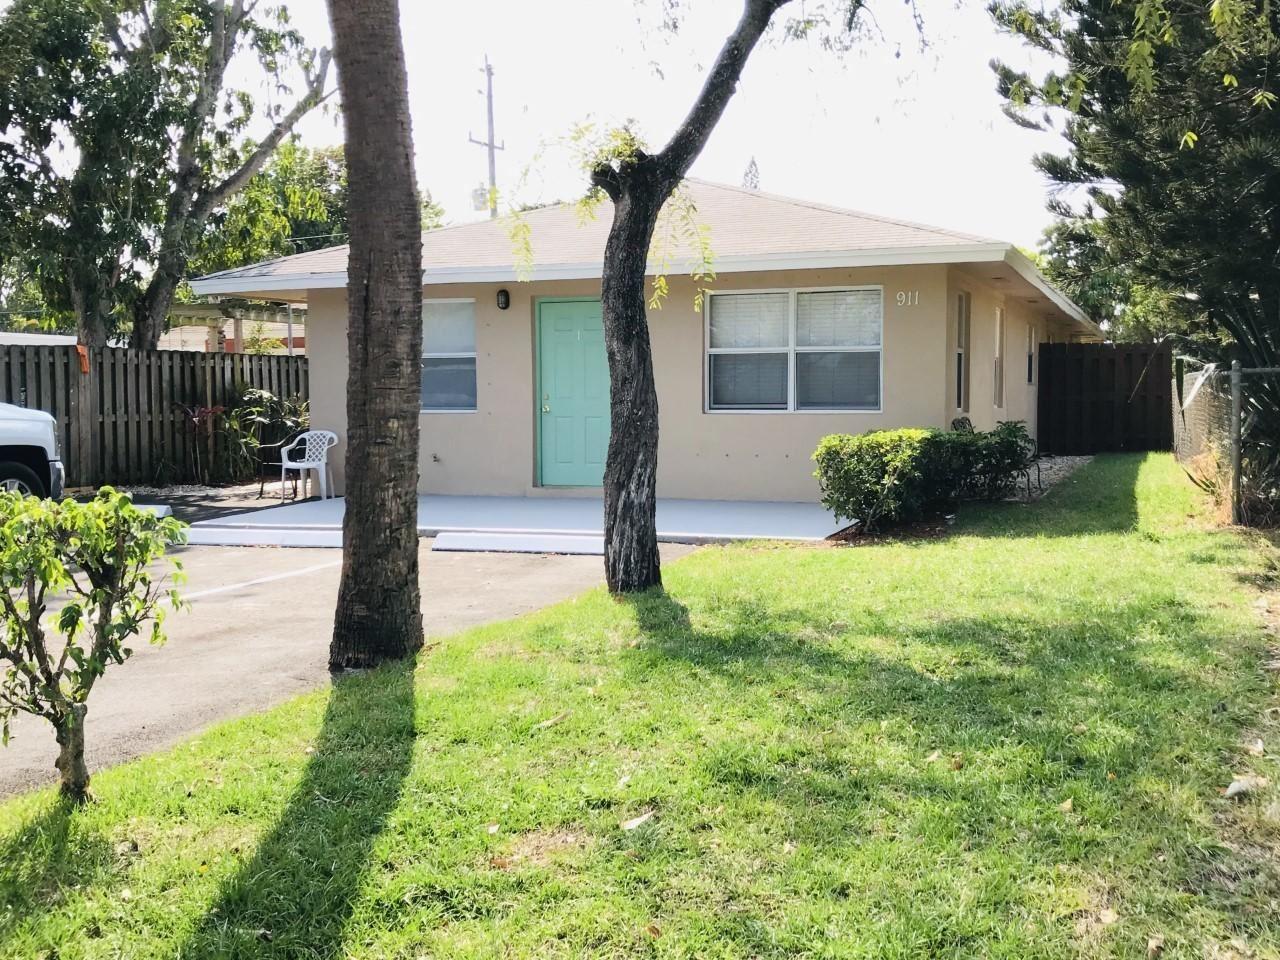 911 S Pine Street, Lake Worth, FL 33460 - MLS#: RX-10705092